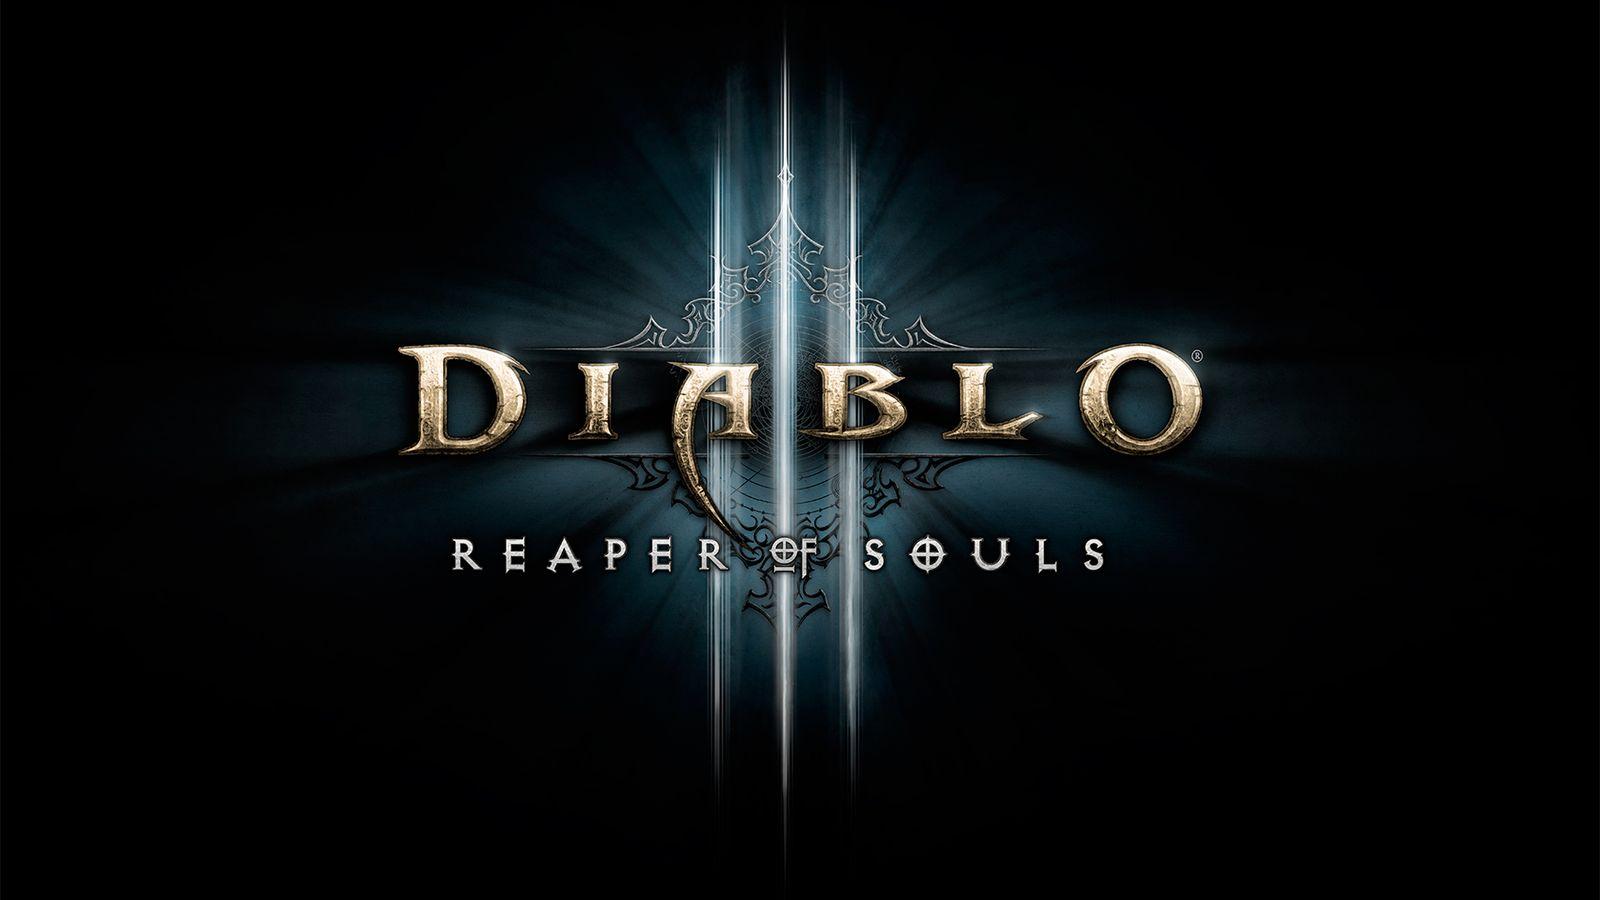 Diablo III Reaper of Souls se lansează pe 24 martie şi la eMAG